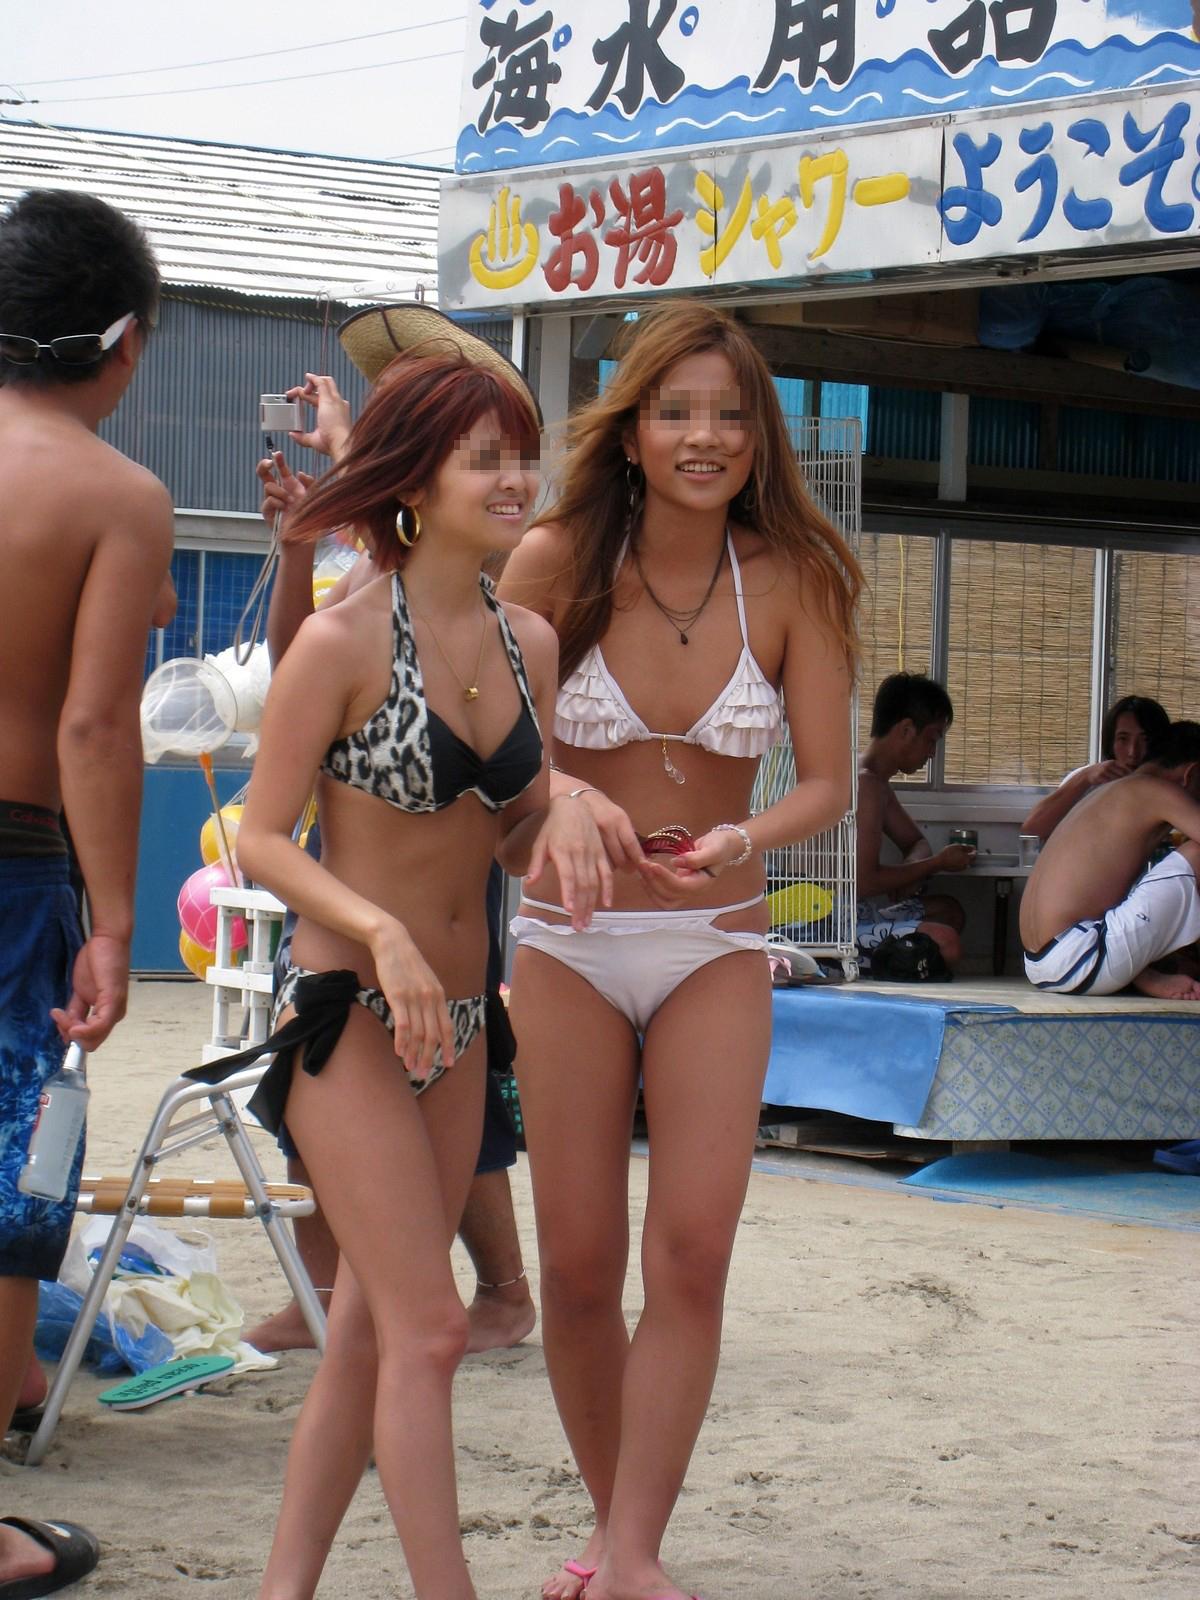 【水着エロ画像】水着までハミパン文化が浸透wwwTバックショーツ丸出しのビキニギャル達  08